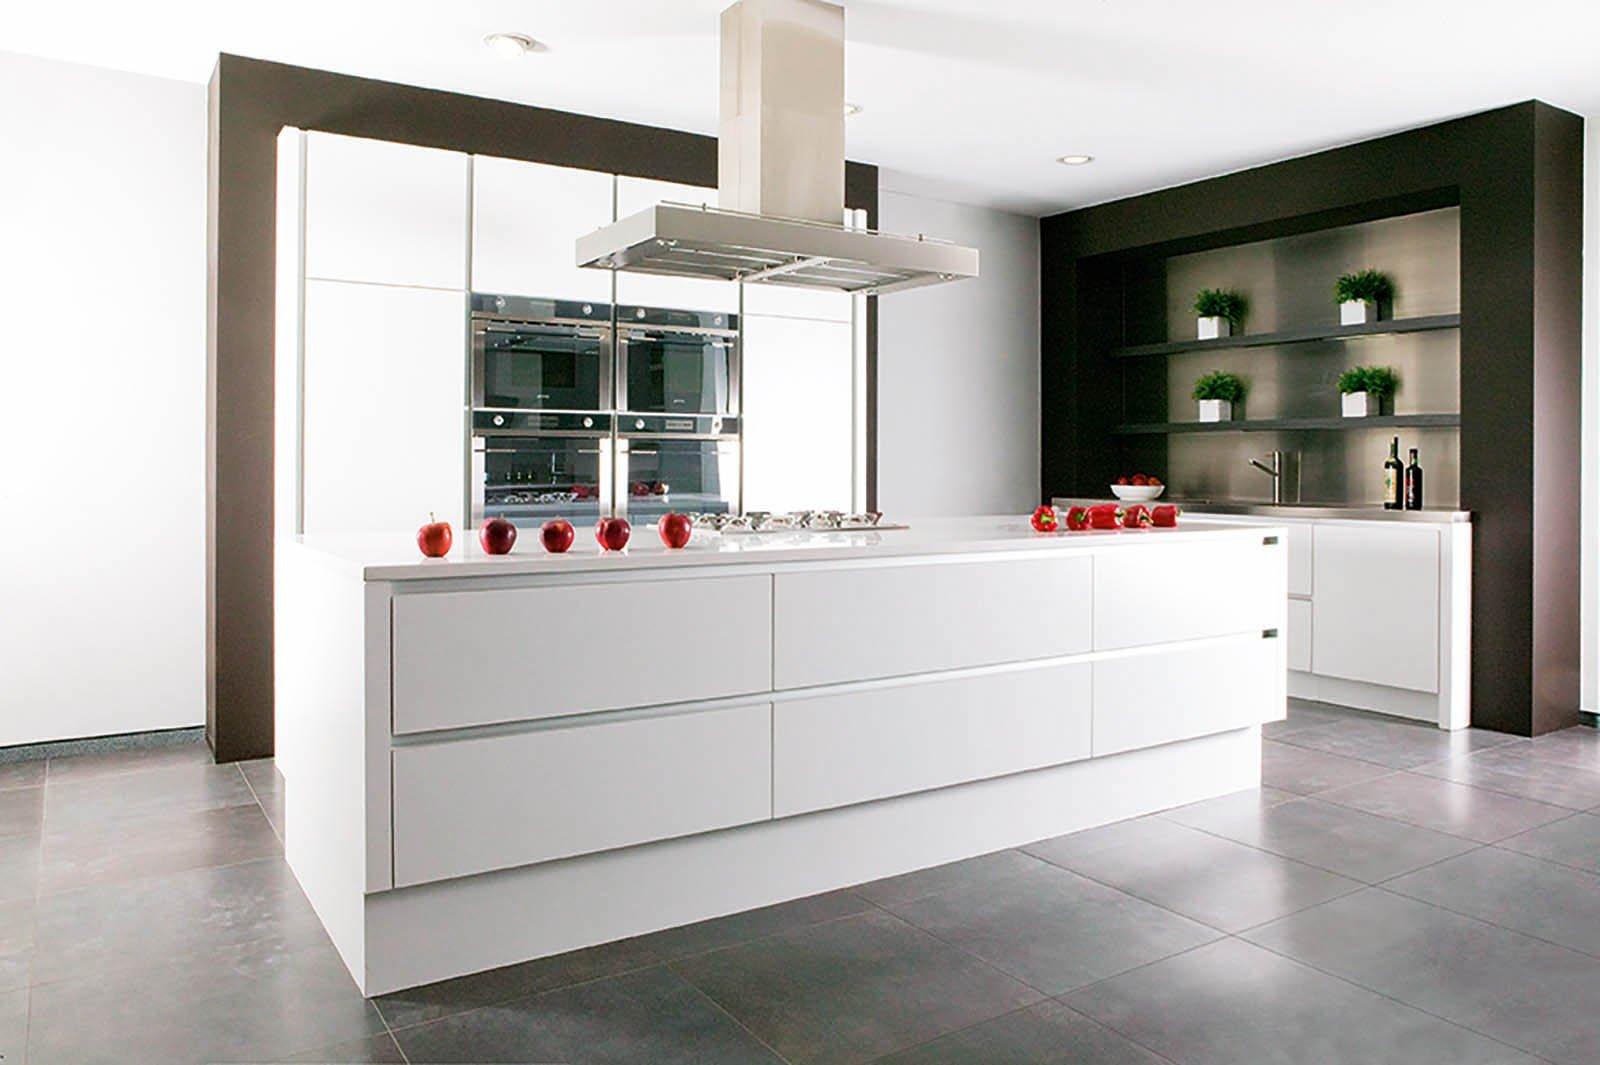 Cuisine design blanche - Modèle Design